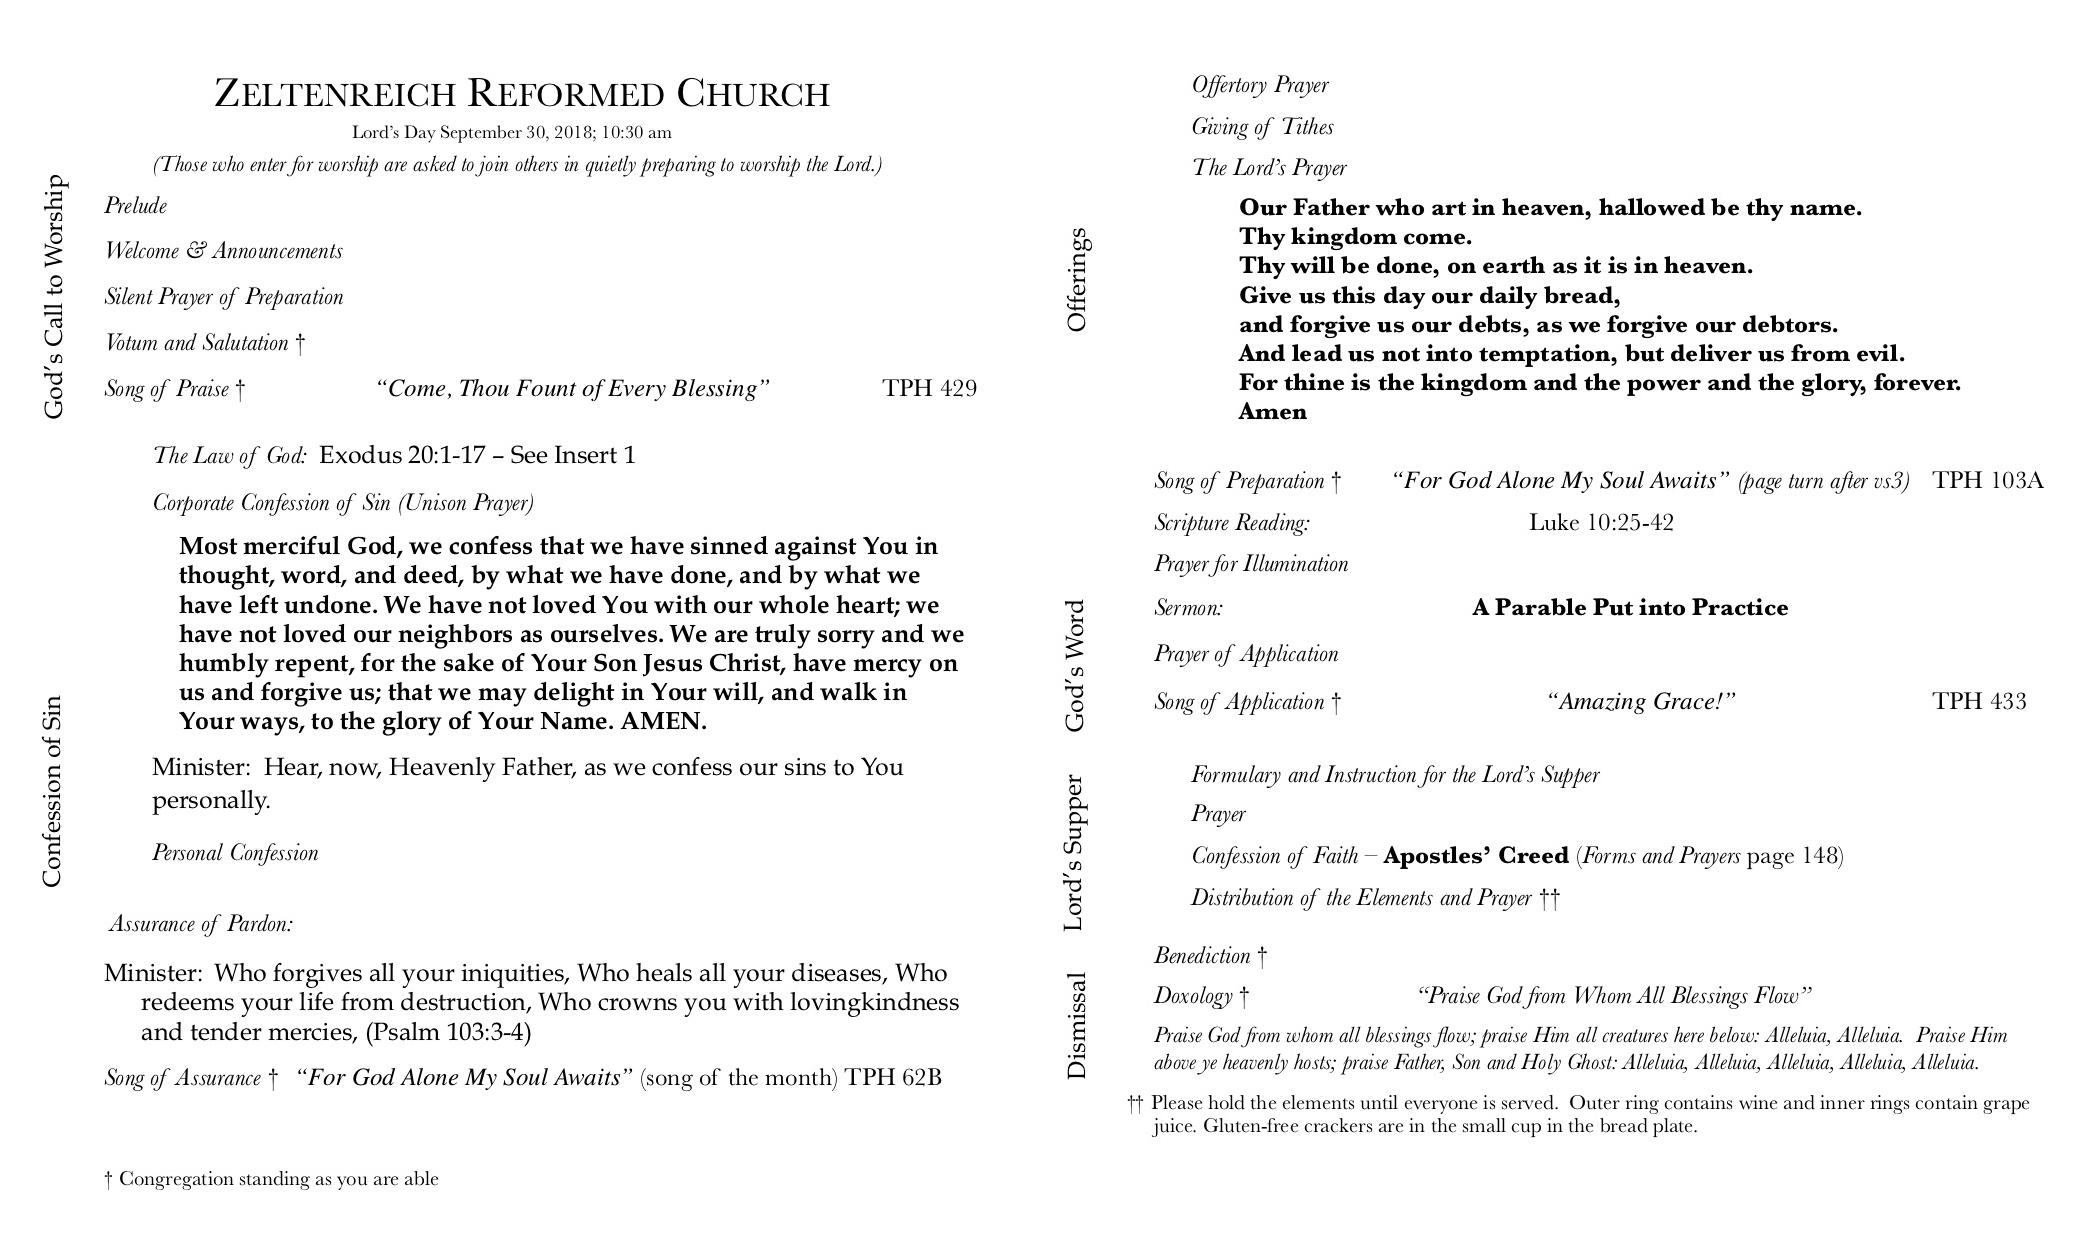 ZRC bulletin 9.30.18.jpg